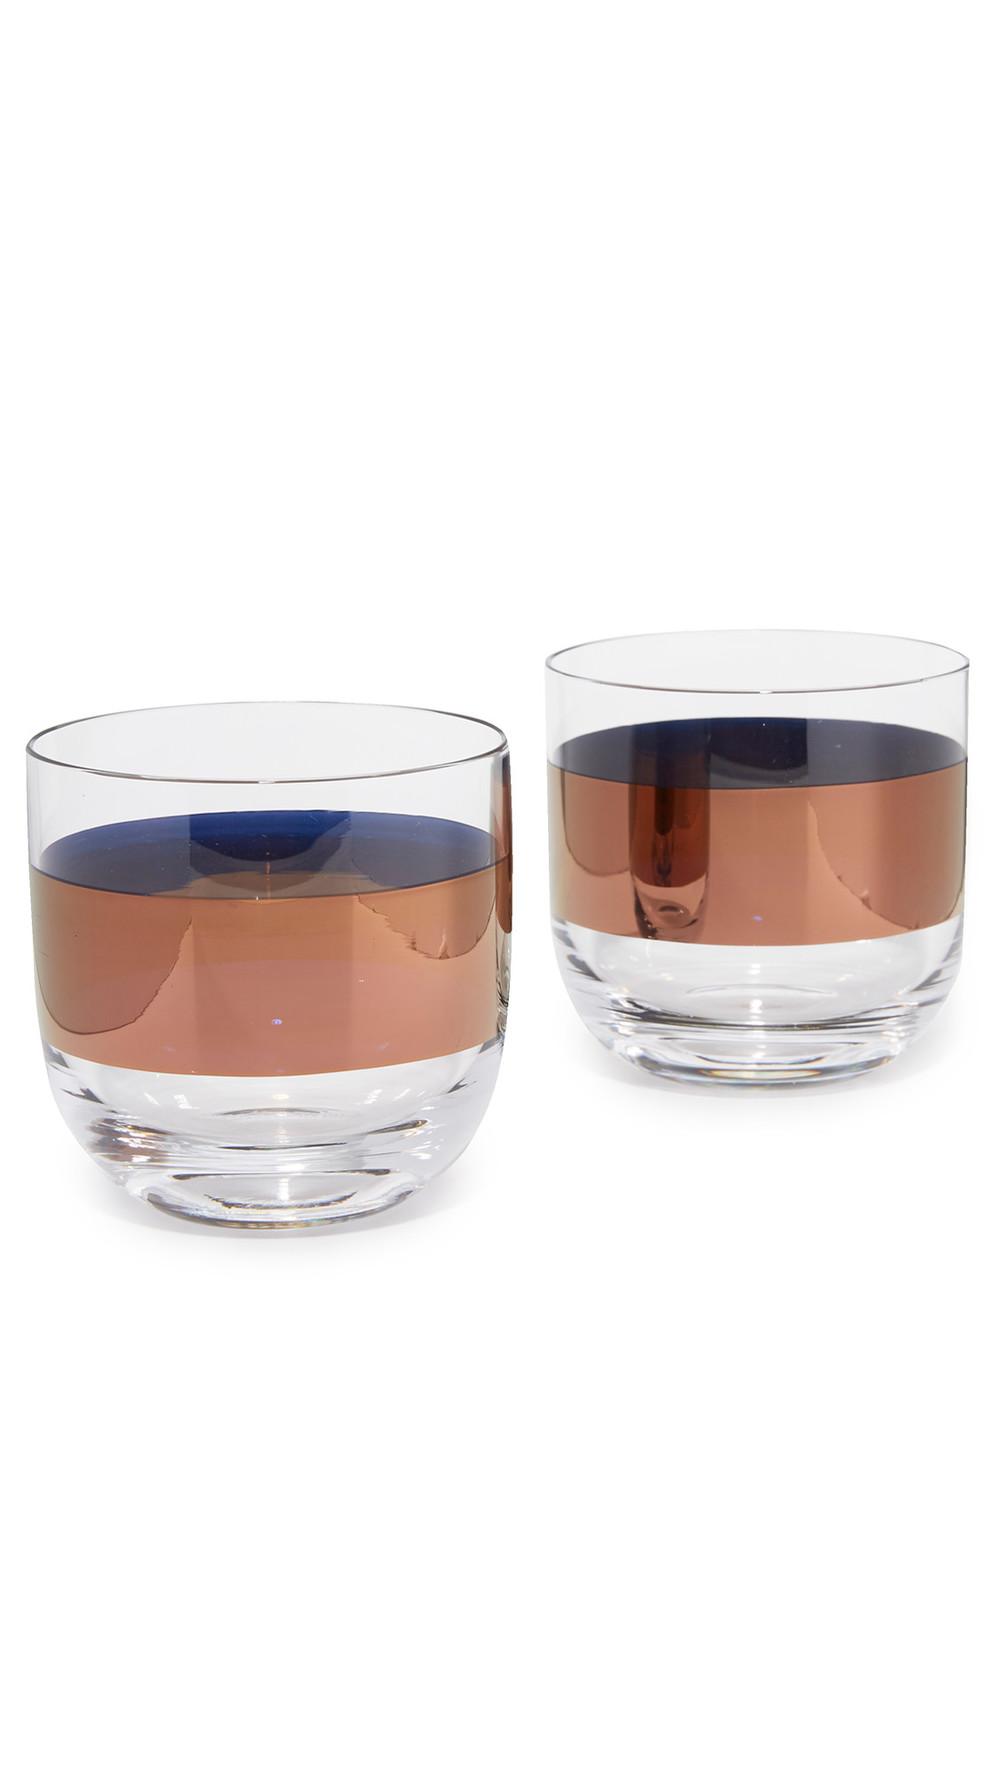 Tom Dixon Tank Whisky Glasses in copper